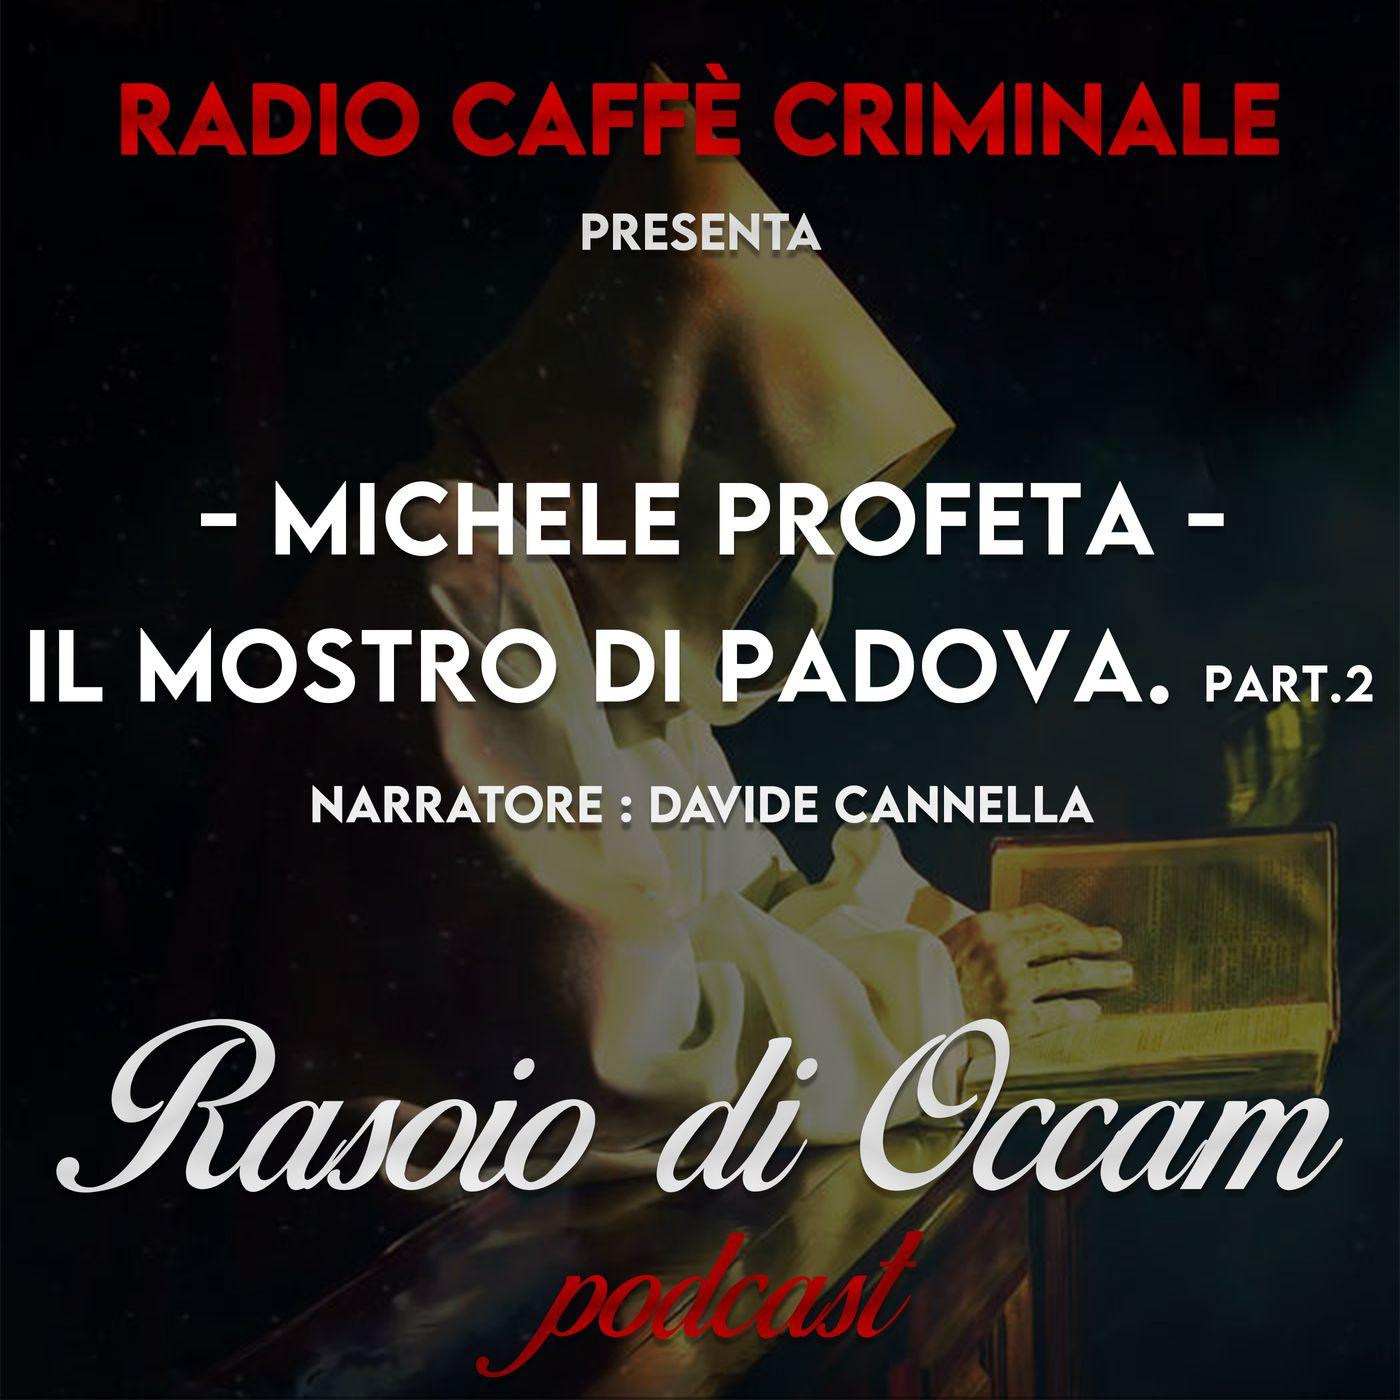 Michele Profeta, Il Mostro di Padova. Part 2/4